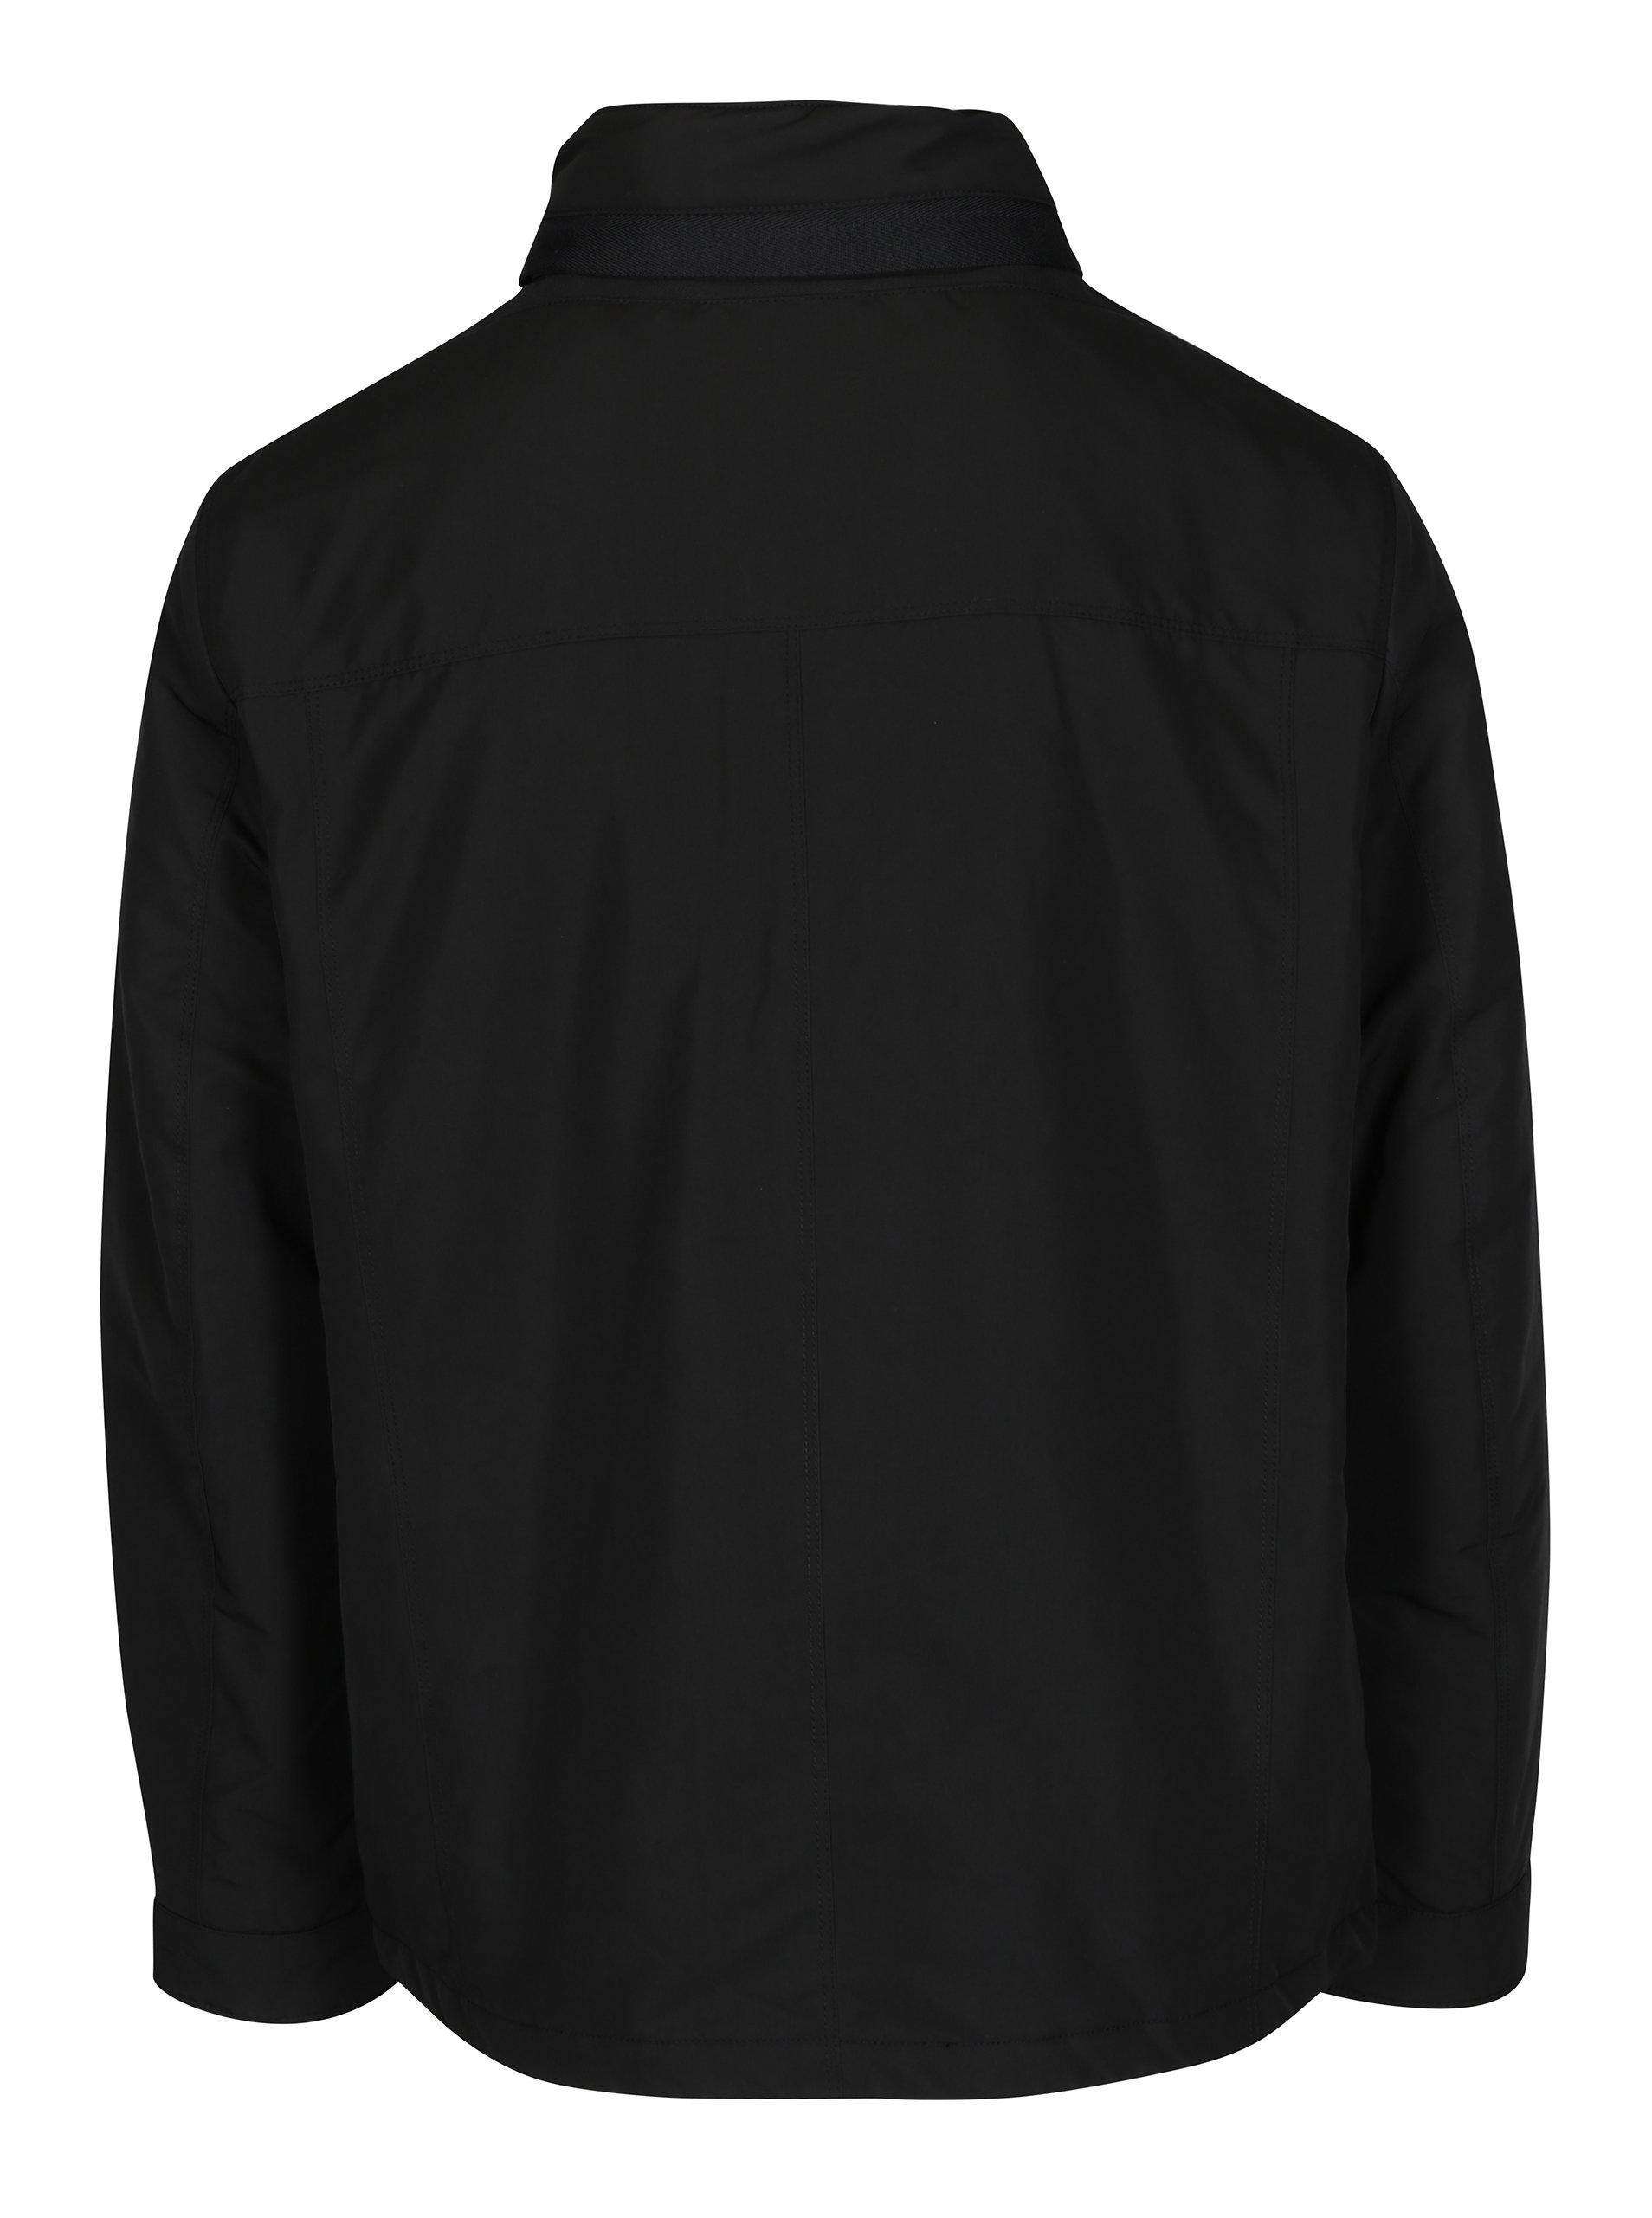 Černá pánská bunda s kapucí Geox ... b9e982e8eb0